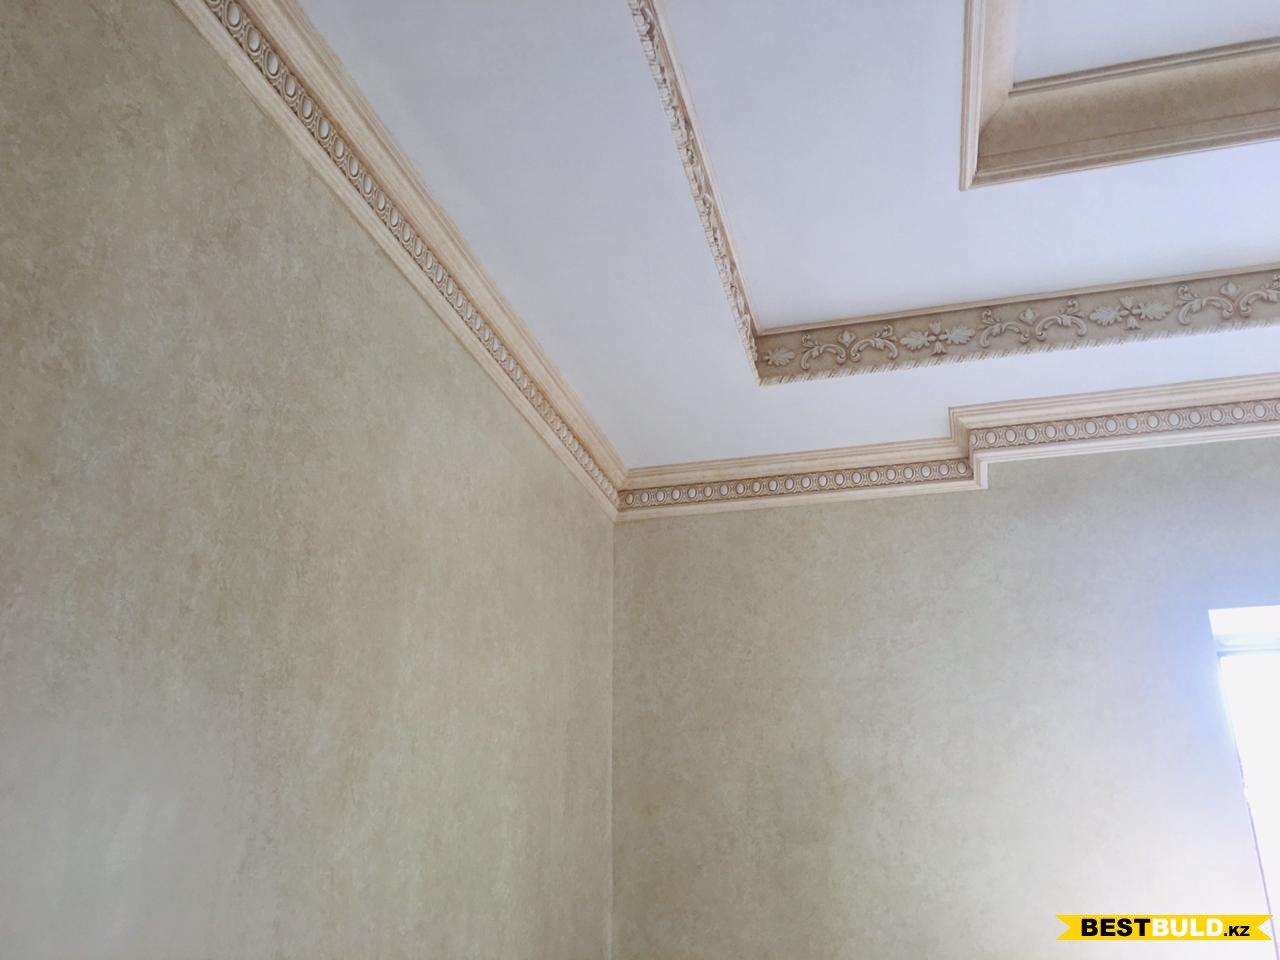 Капитальный ремонт квартир в Алматы (фото работ)